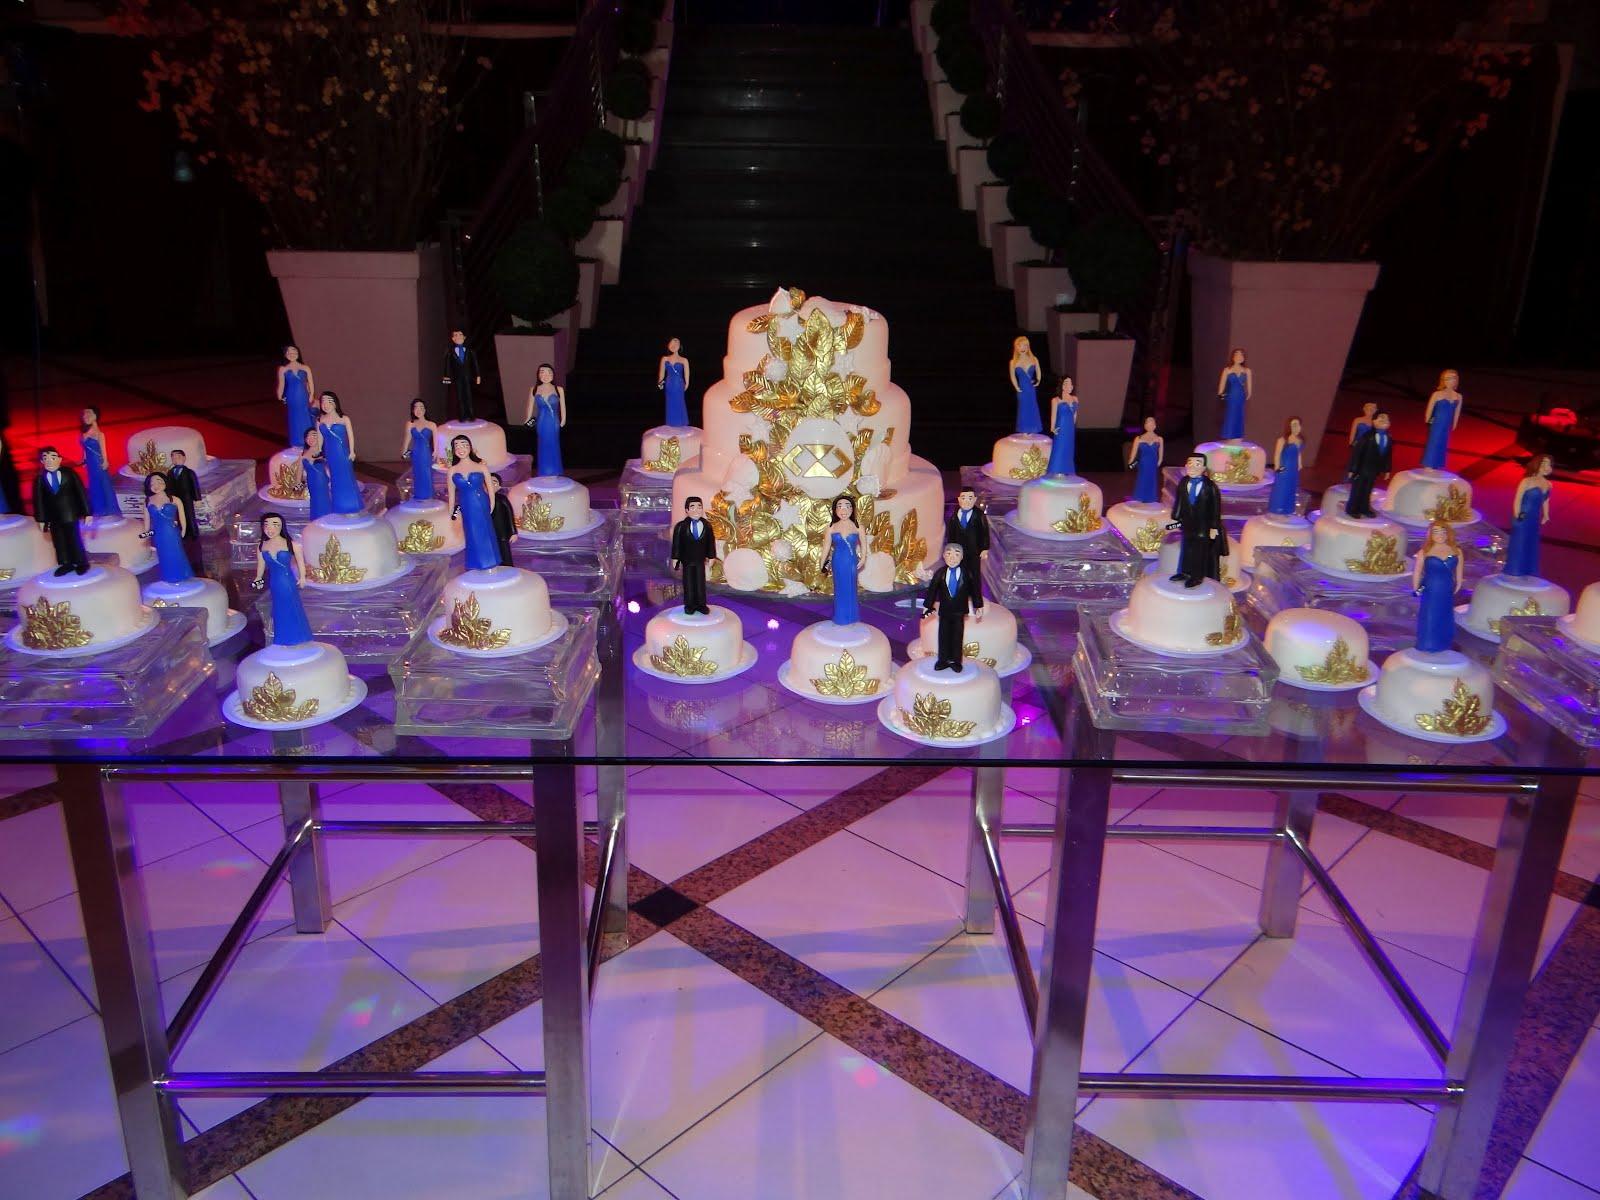 decoracao festa grega:Festa Grega (21.01 no Diamond) – Formatura de Administração com